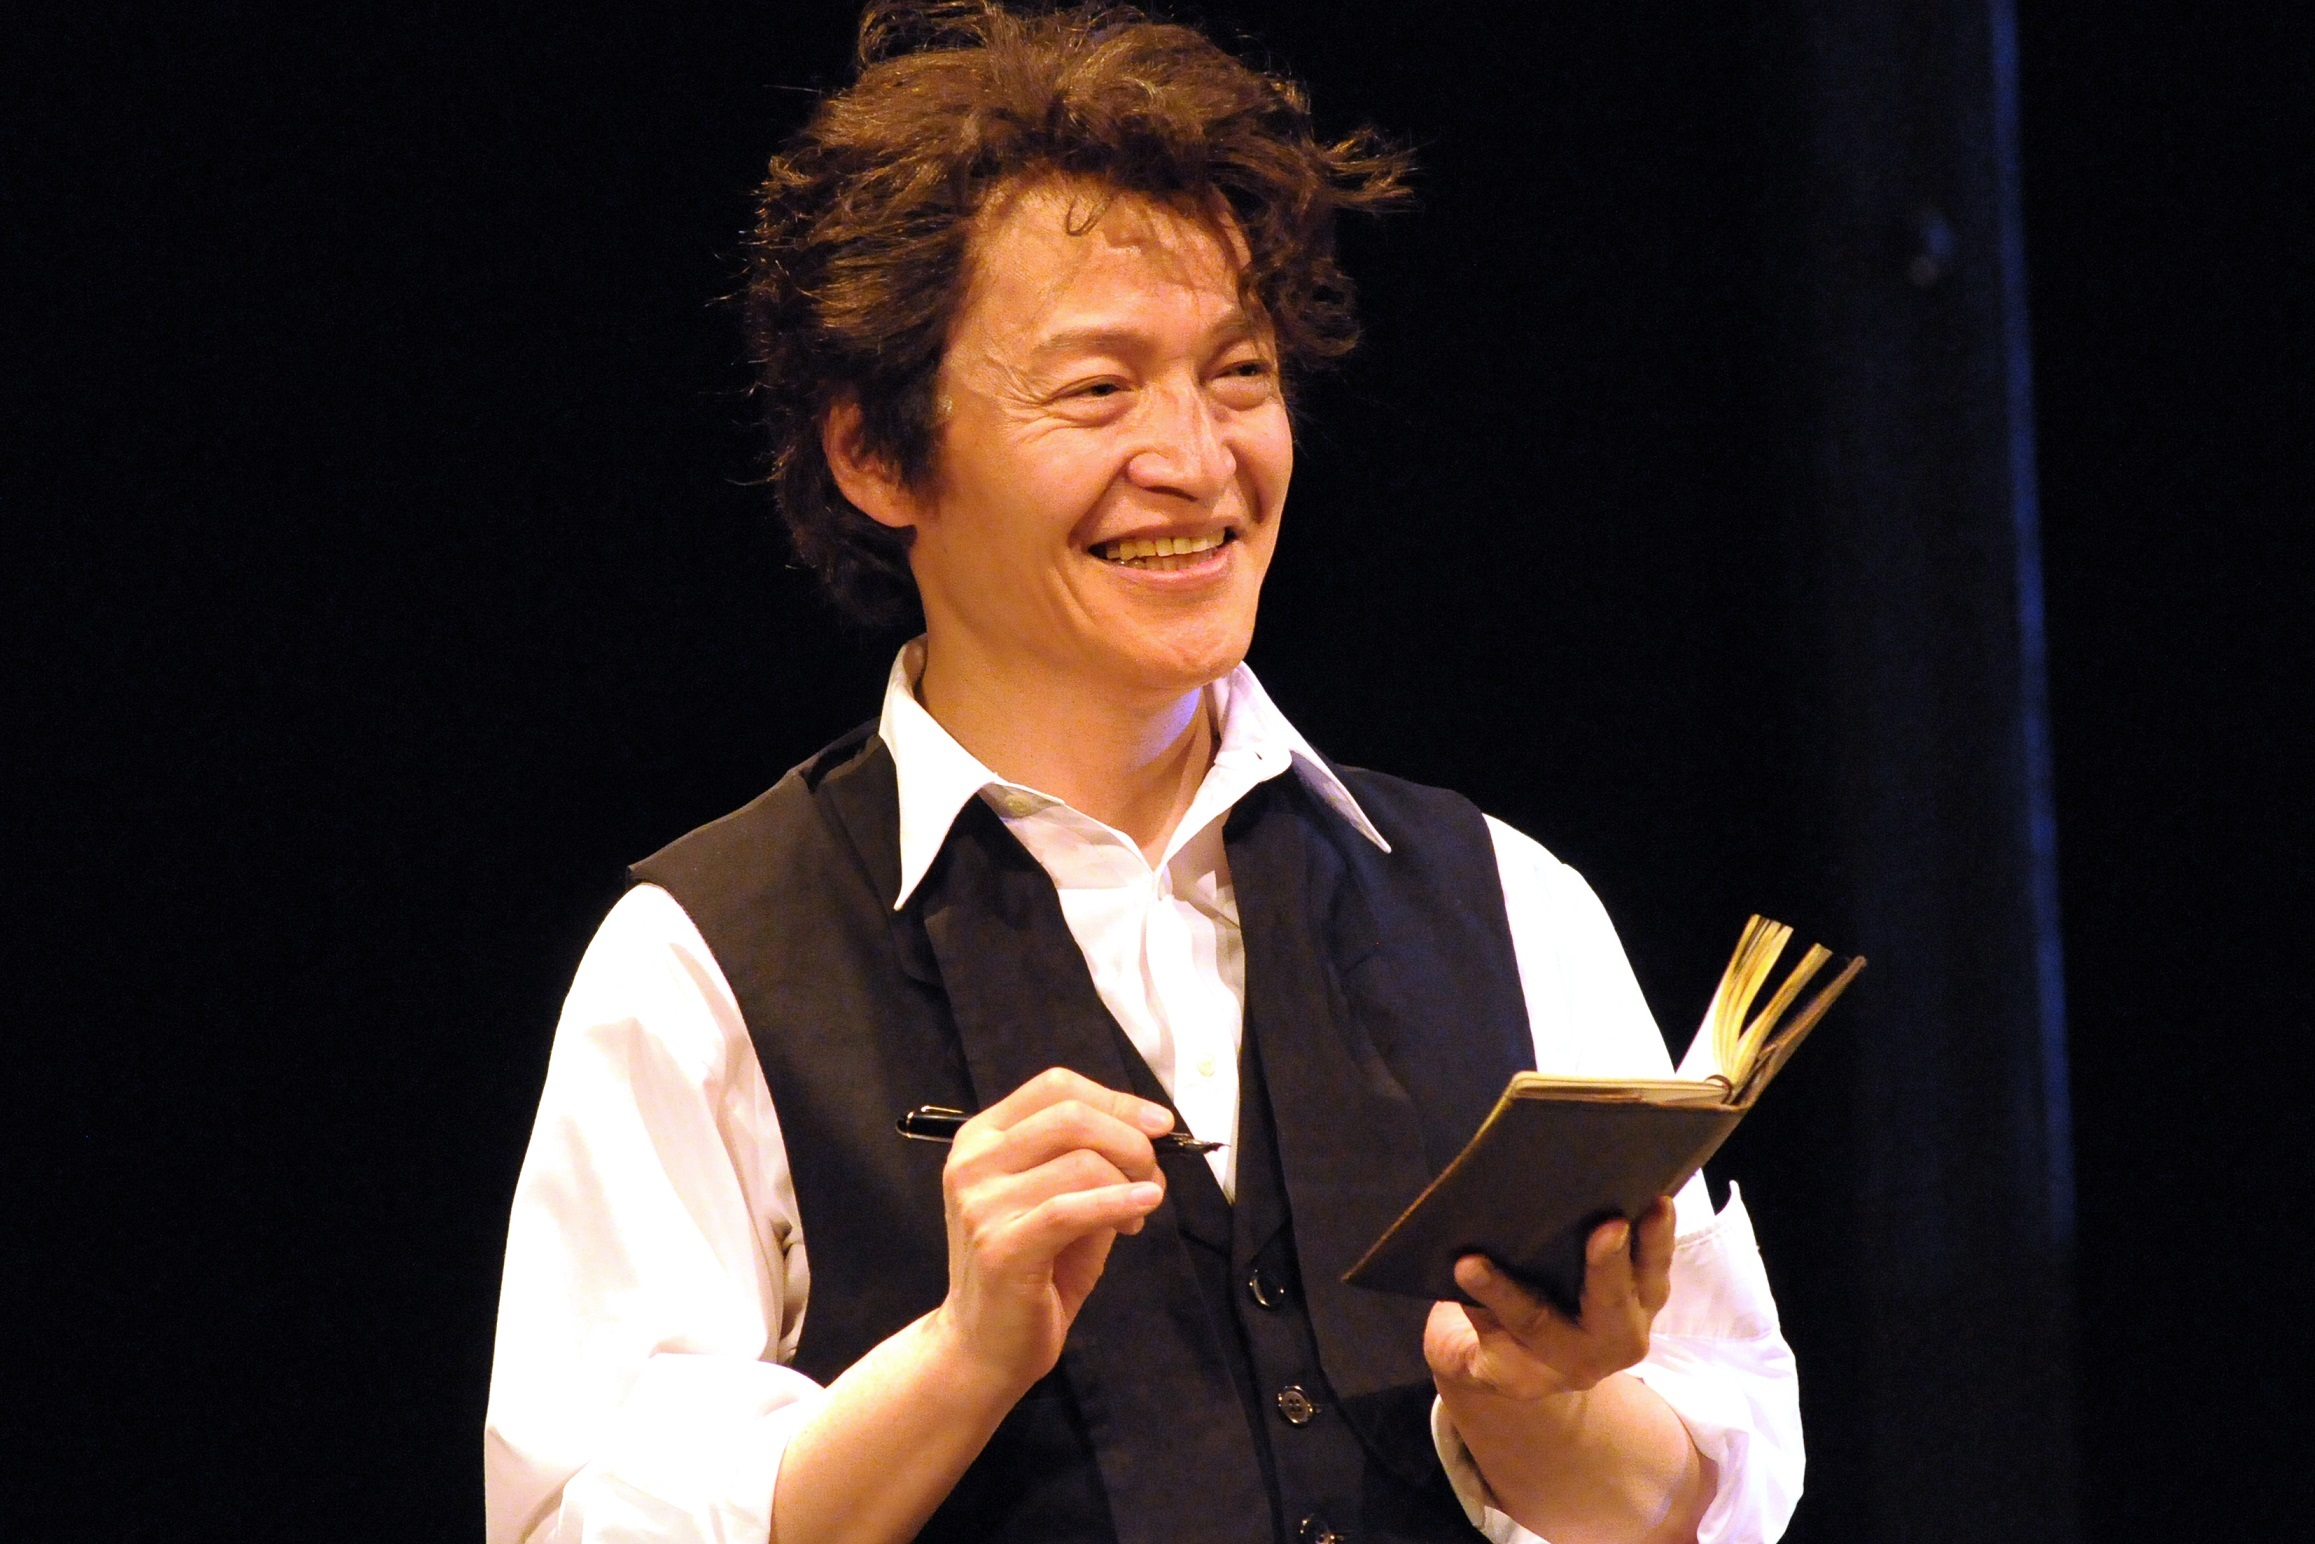 青年座公演『わが兄の弟』若きアントンを演じる横堀悦夫。 撮影/坂本正郁